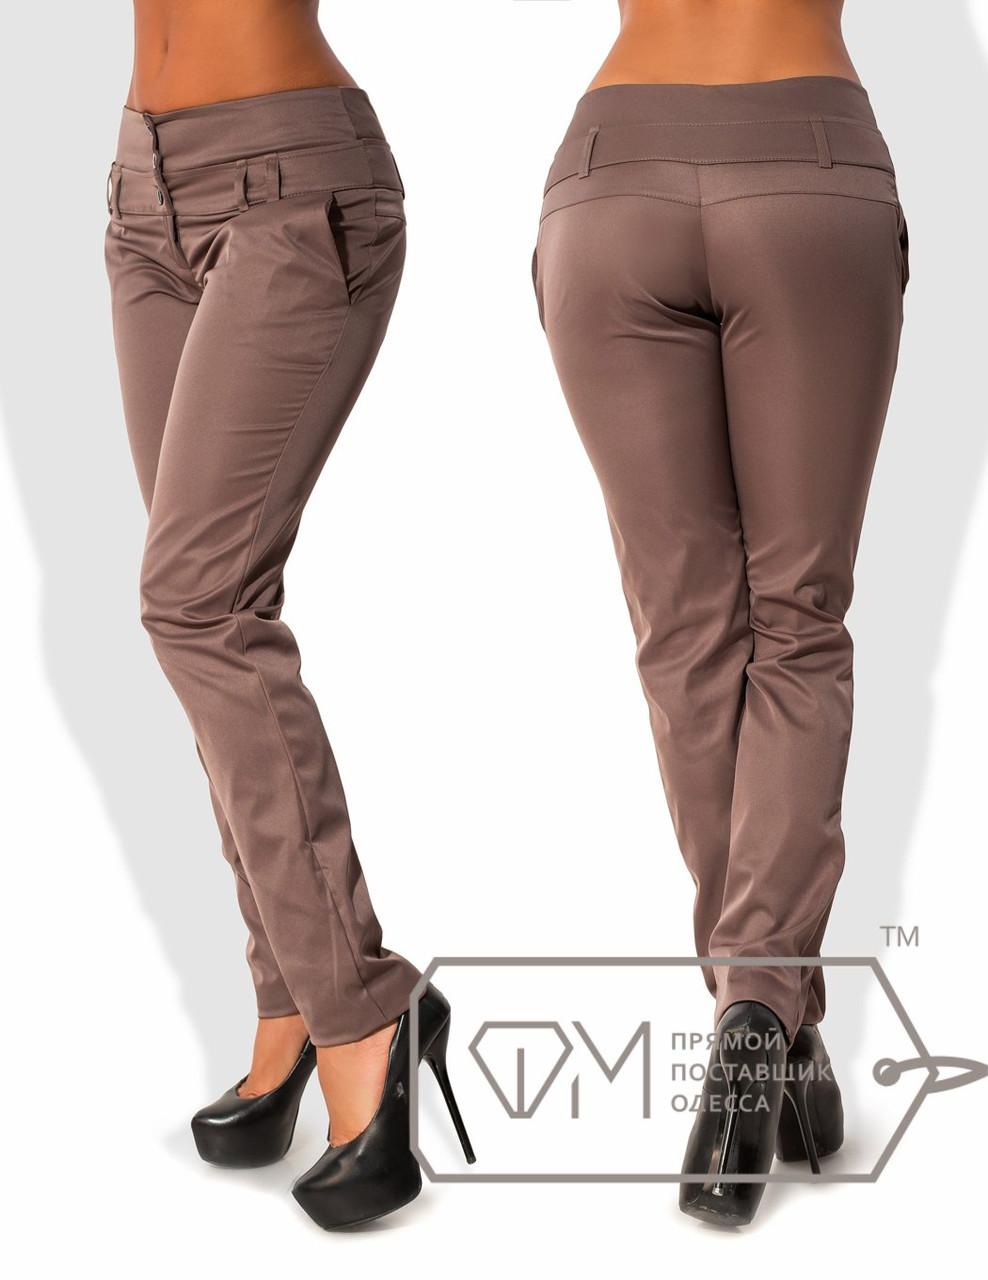 Женские брюки с широким ремнем женские ремни купить в екатеринбурге